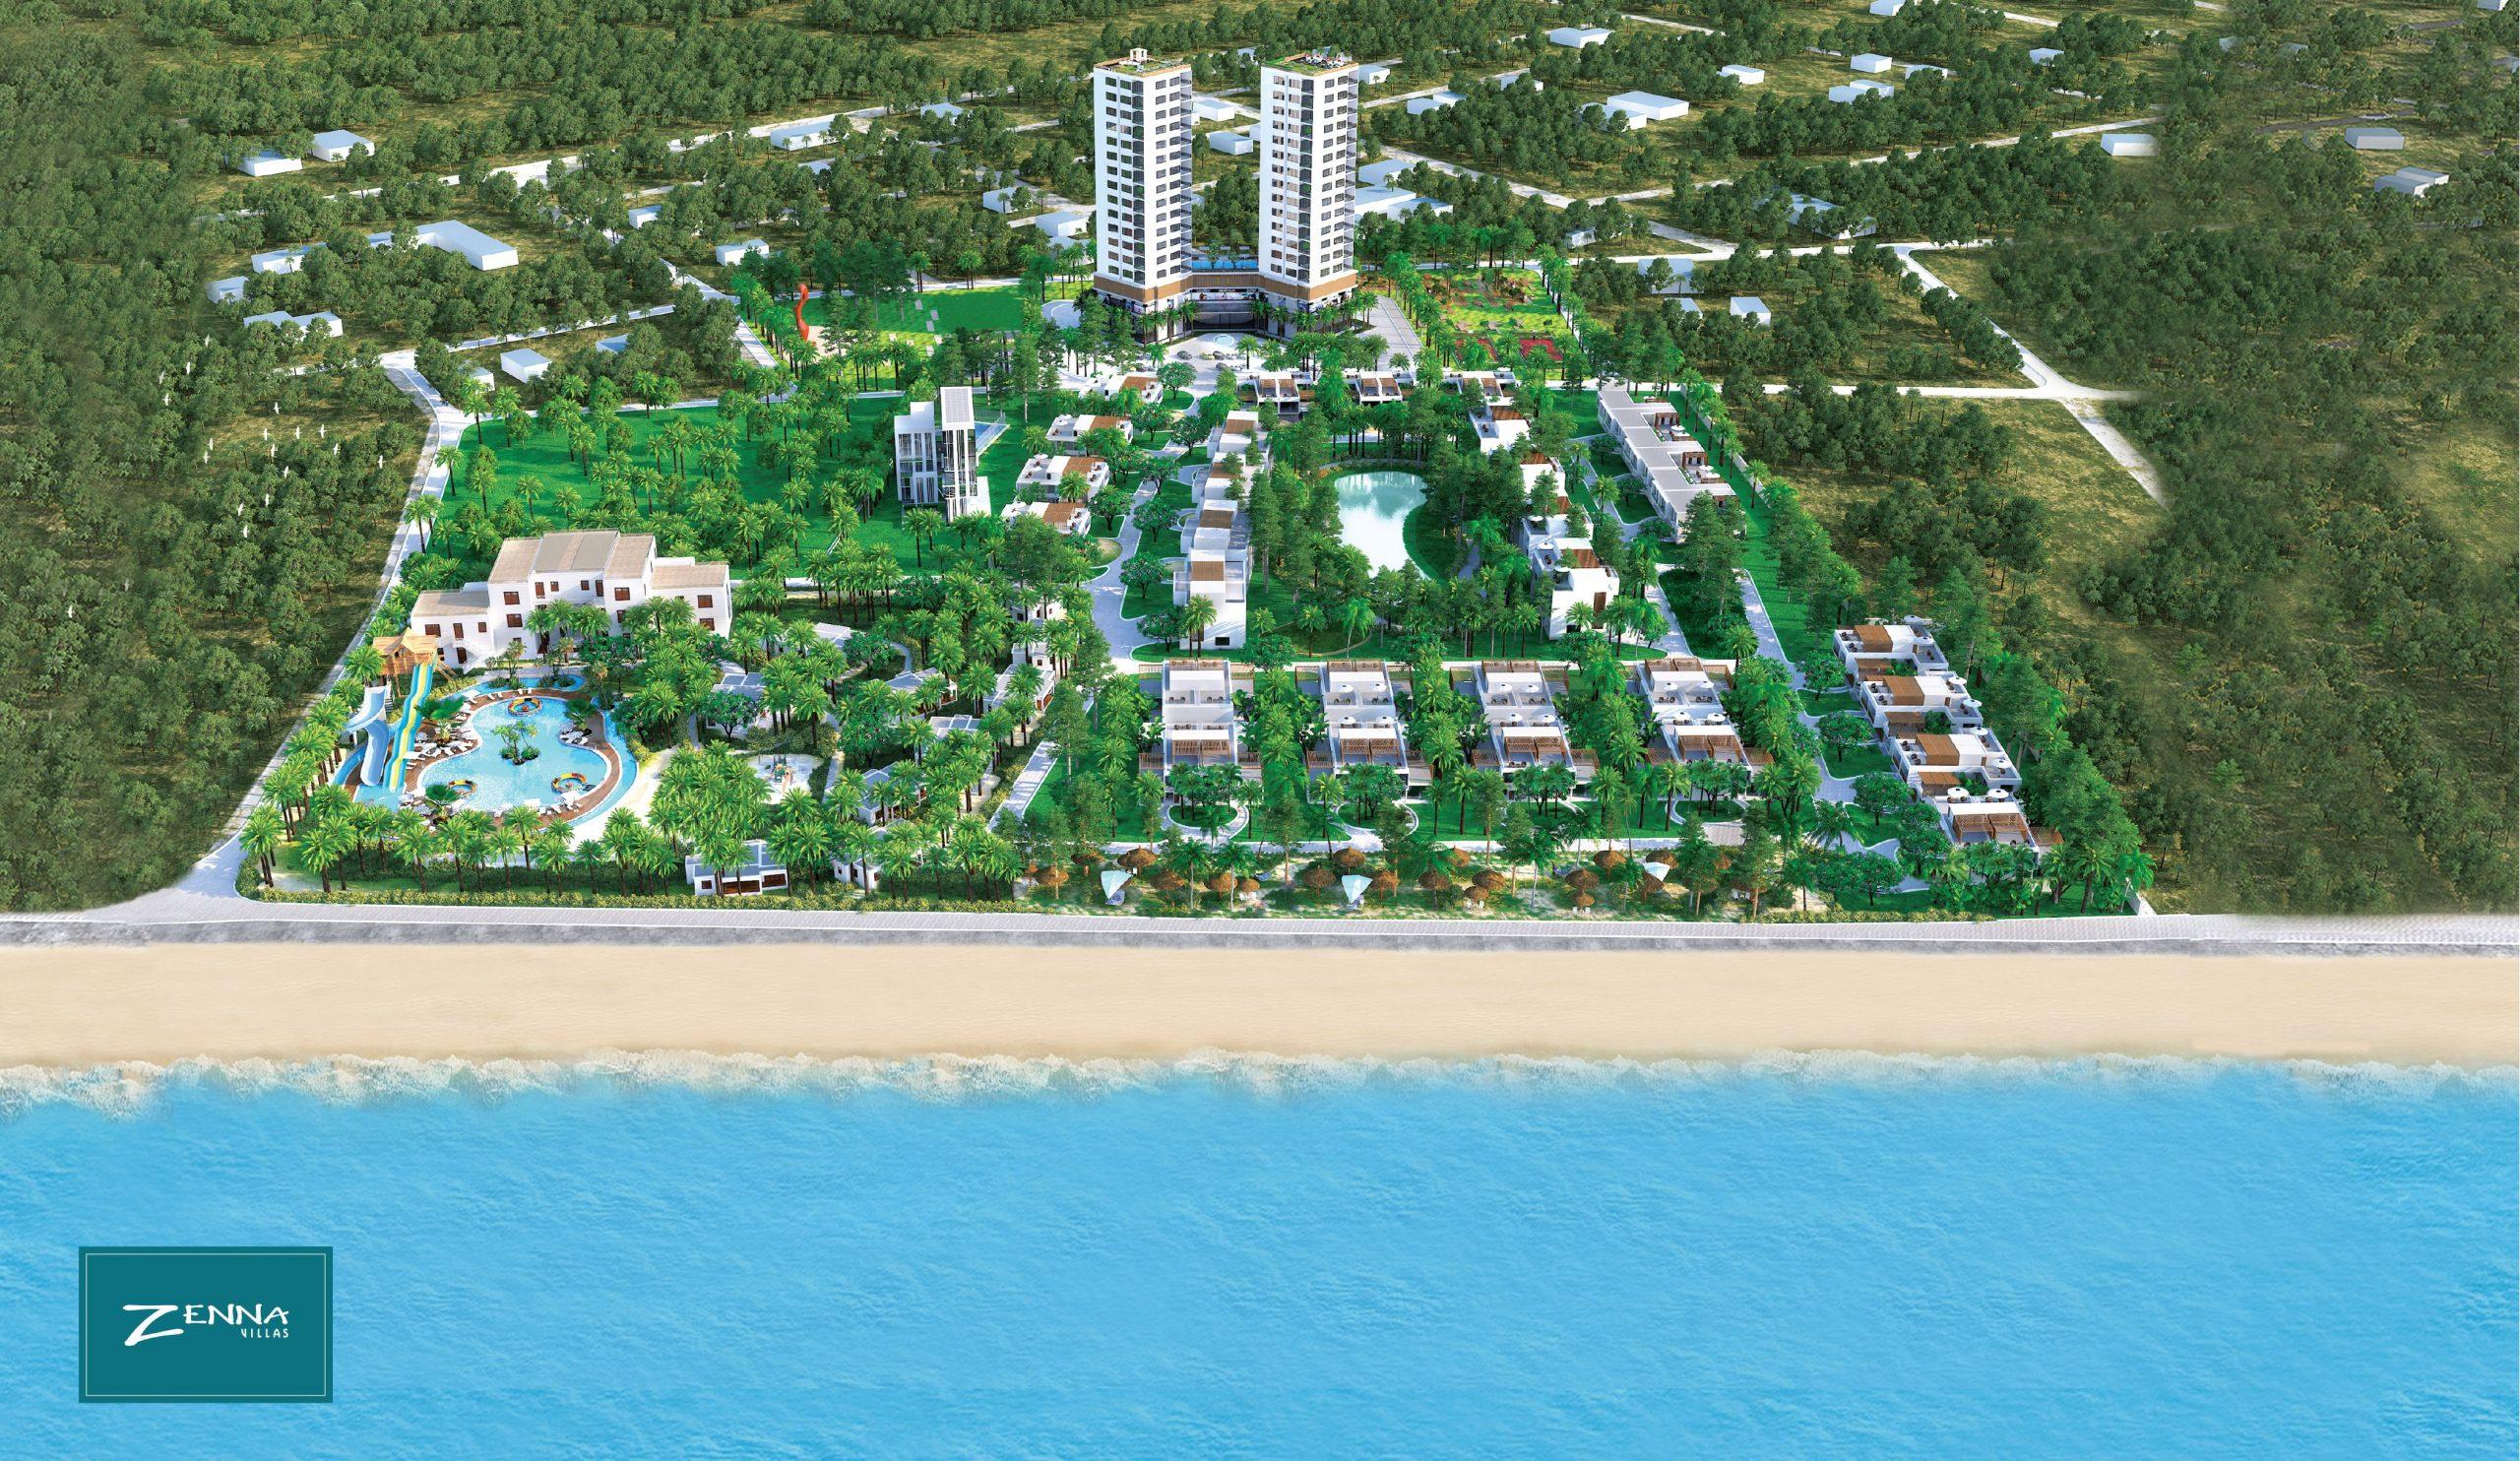 Dự án Biệt thự biển Zenna Villas Long Hải